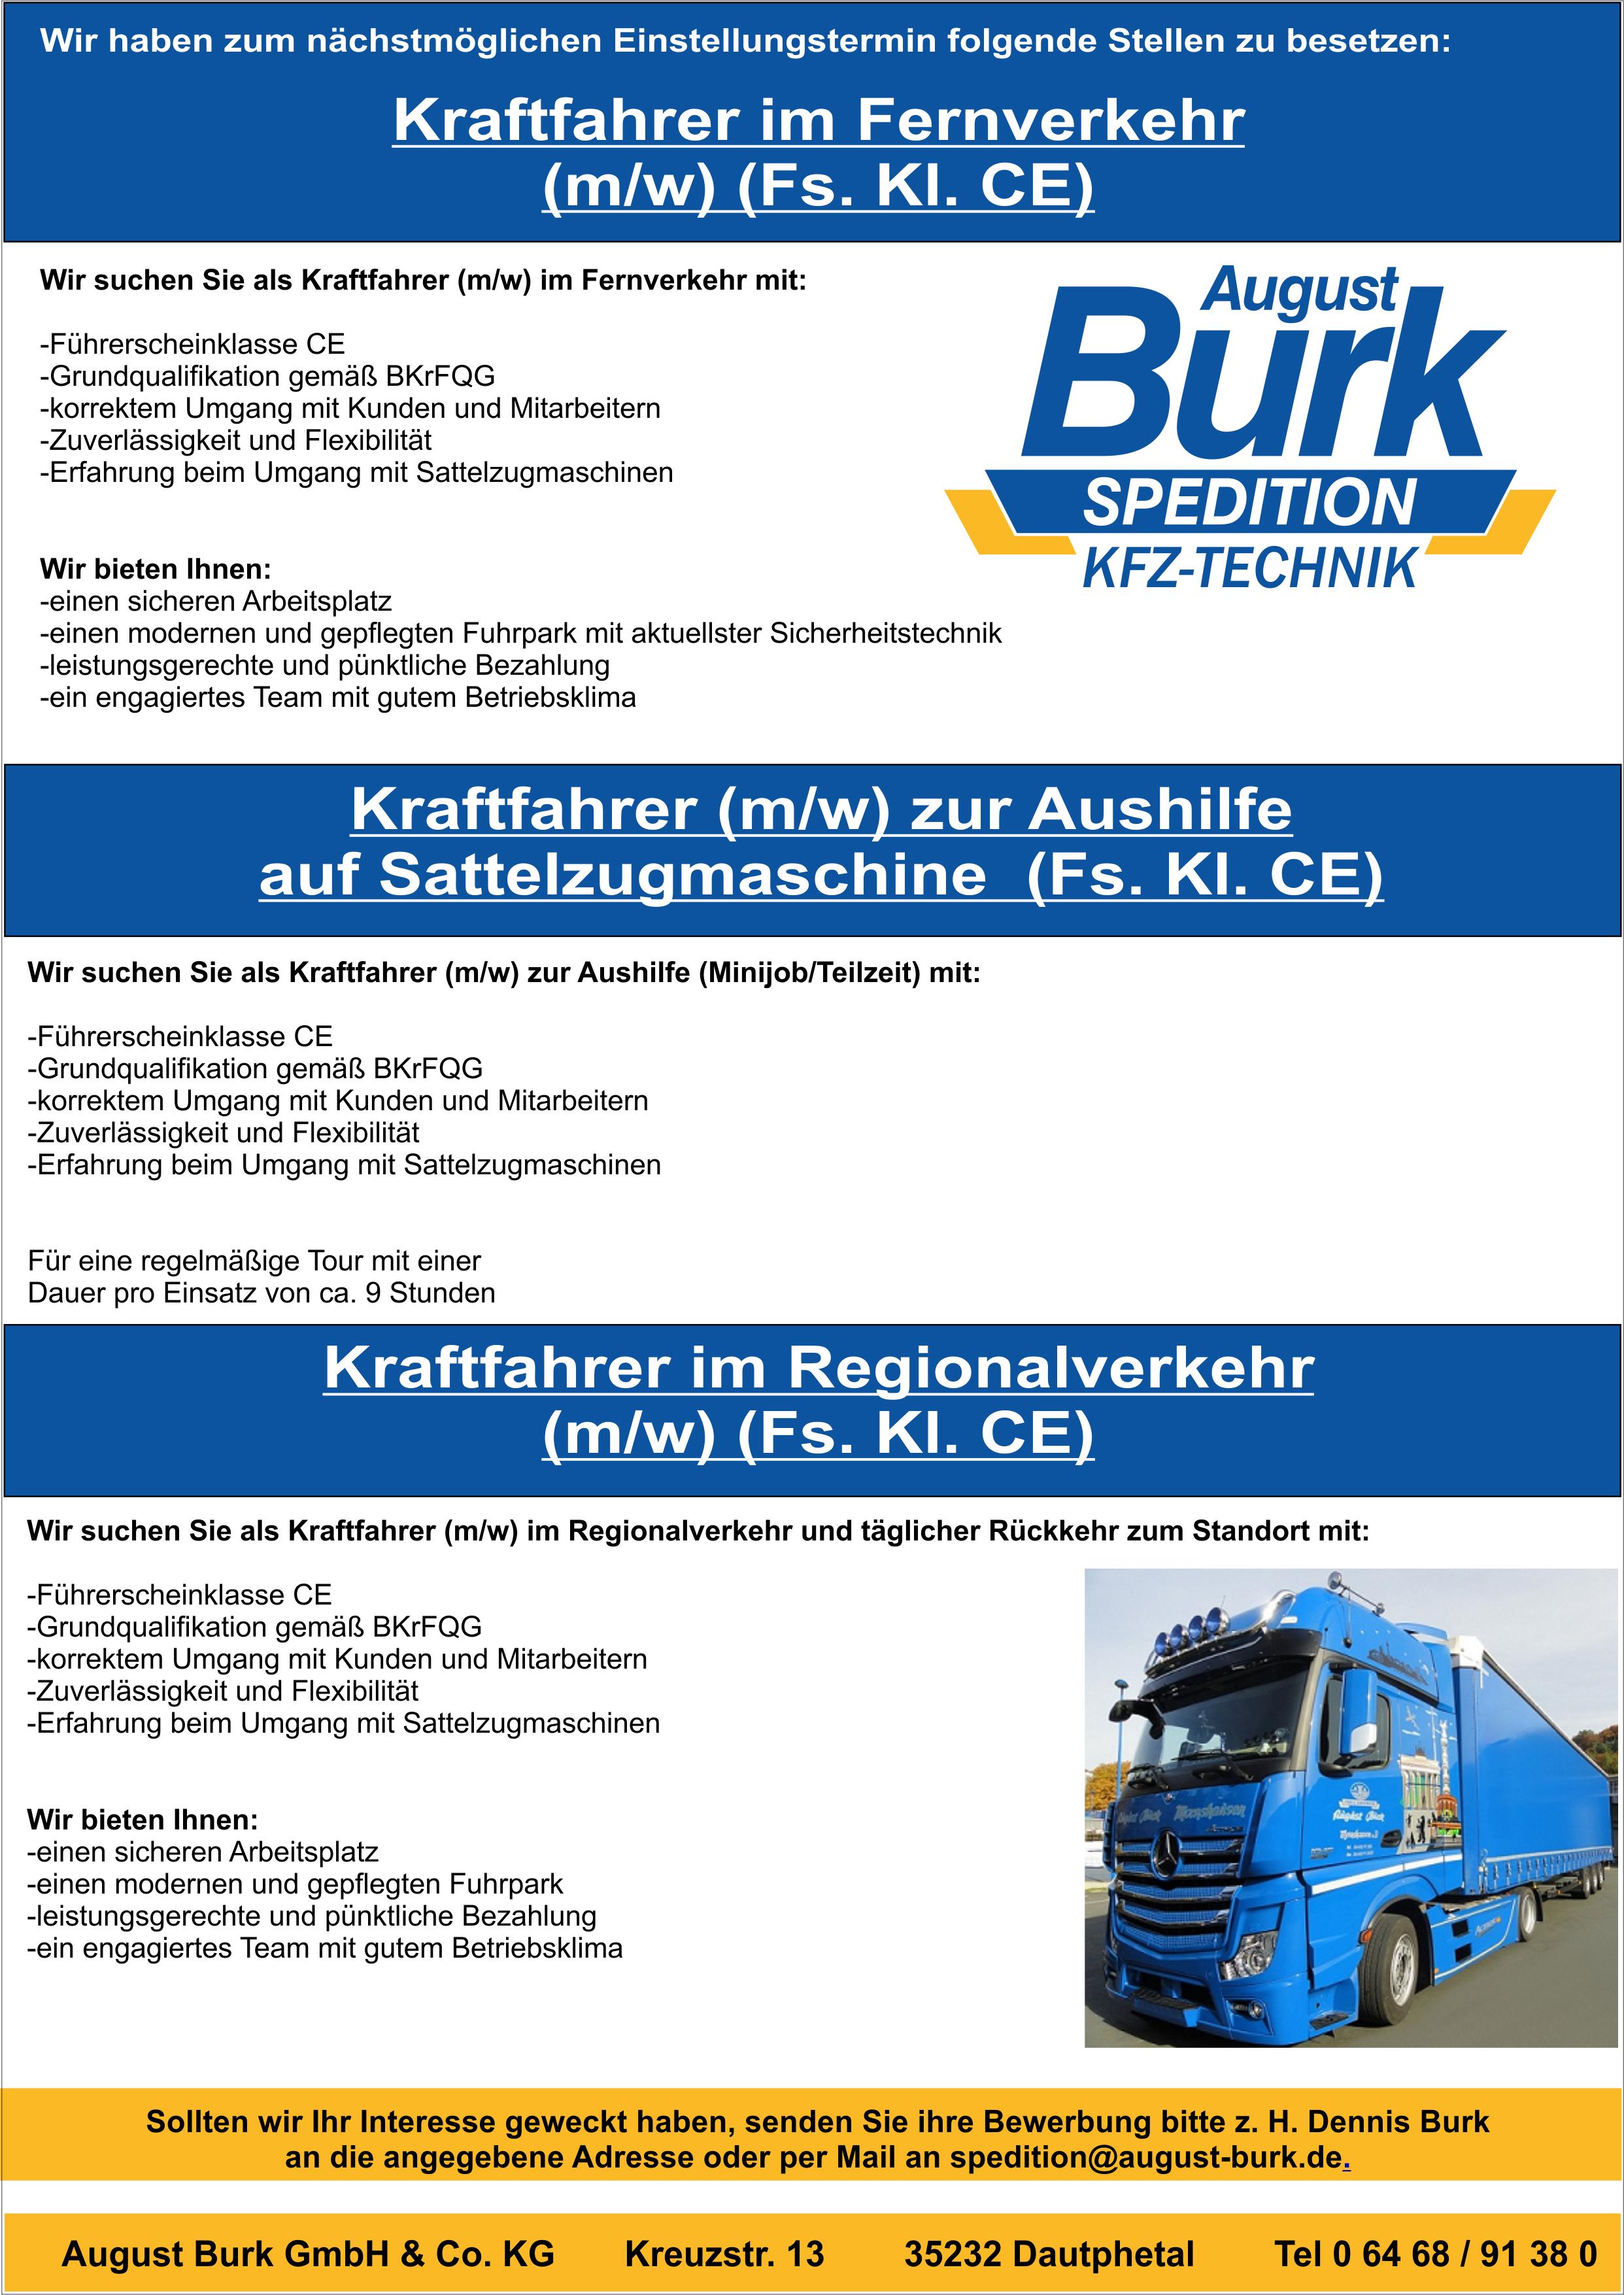 Stellenanzeige Fernverkehr Regional und Teilzeit